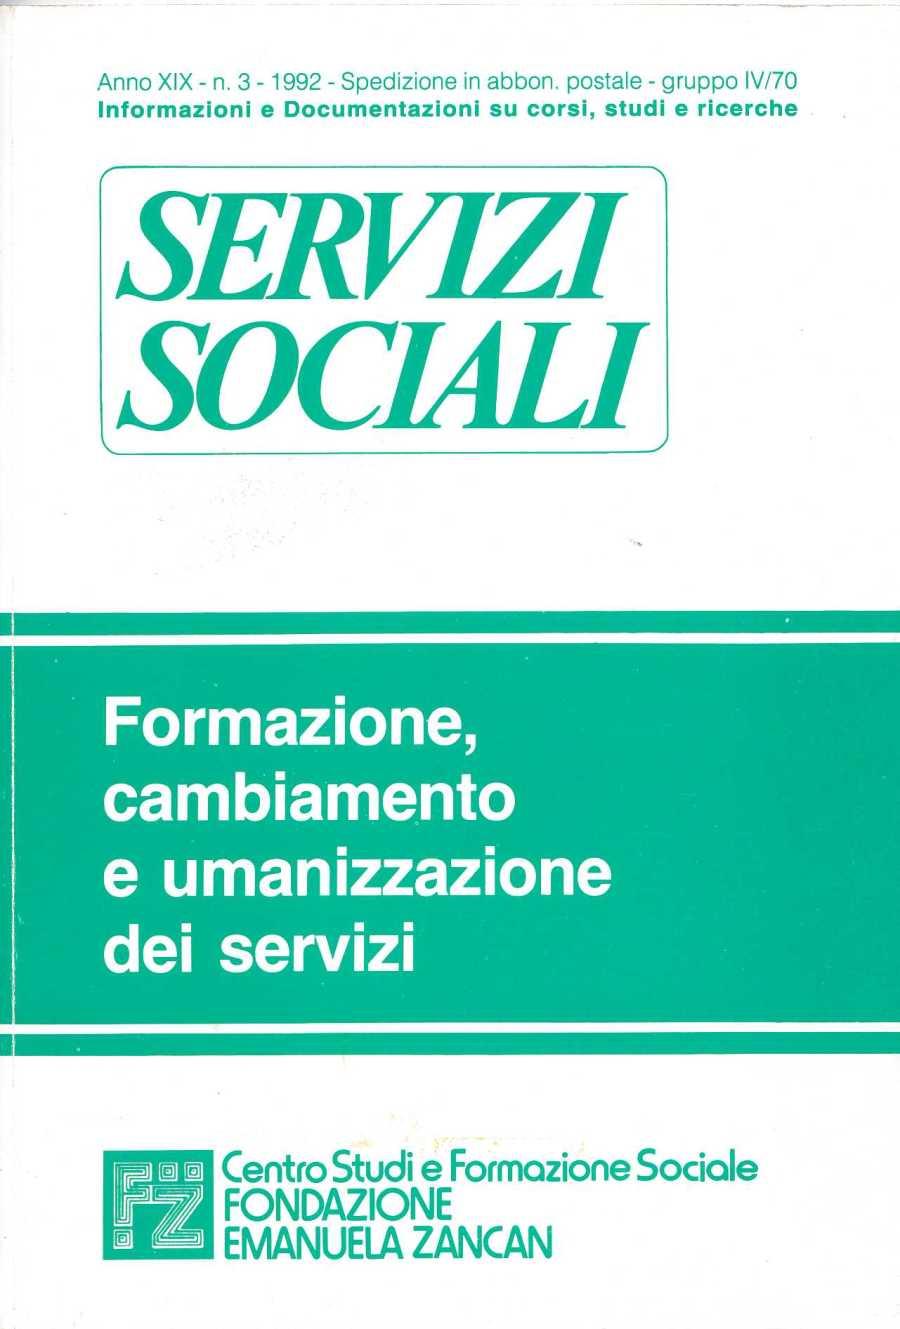 canevini3477